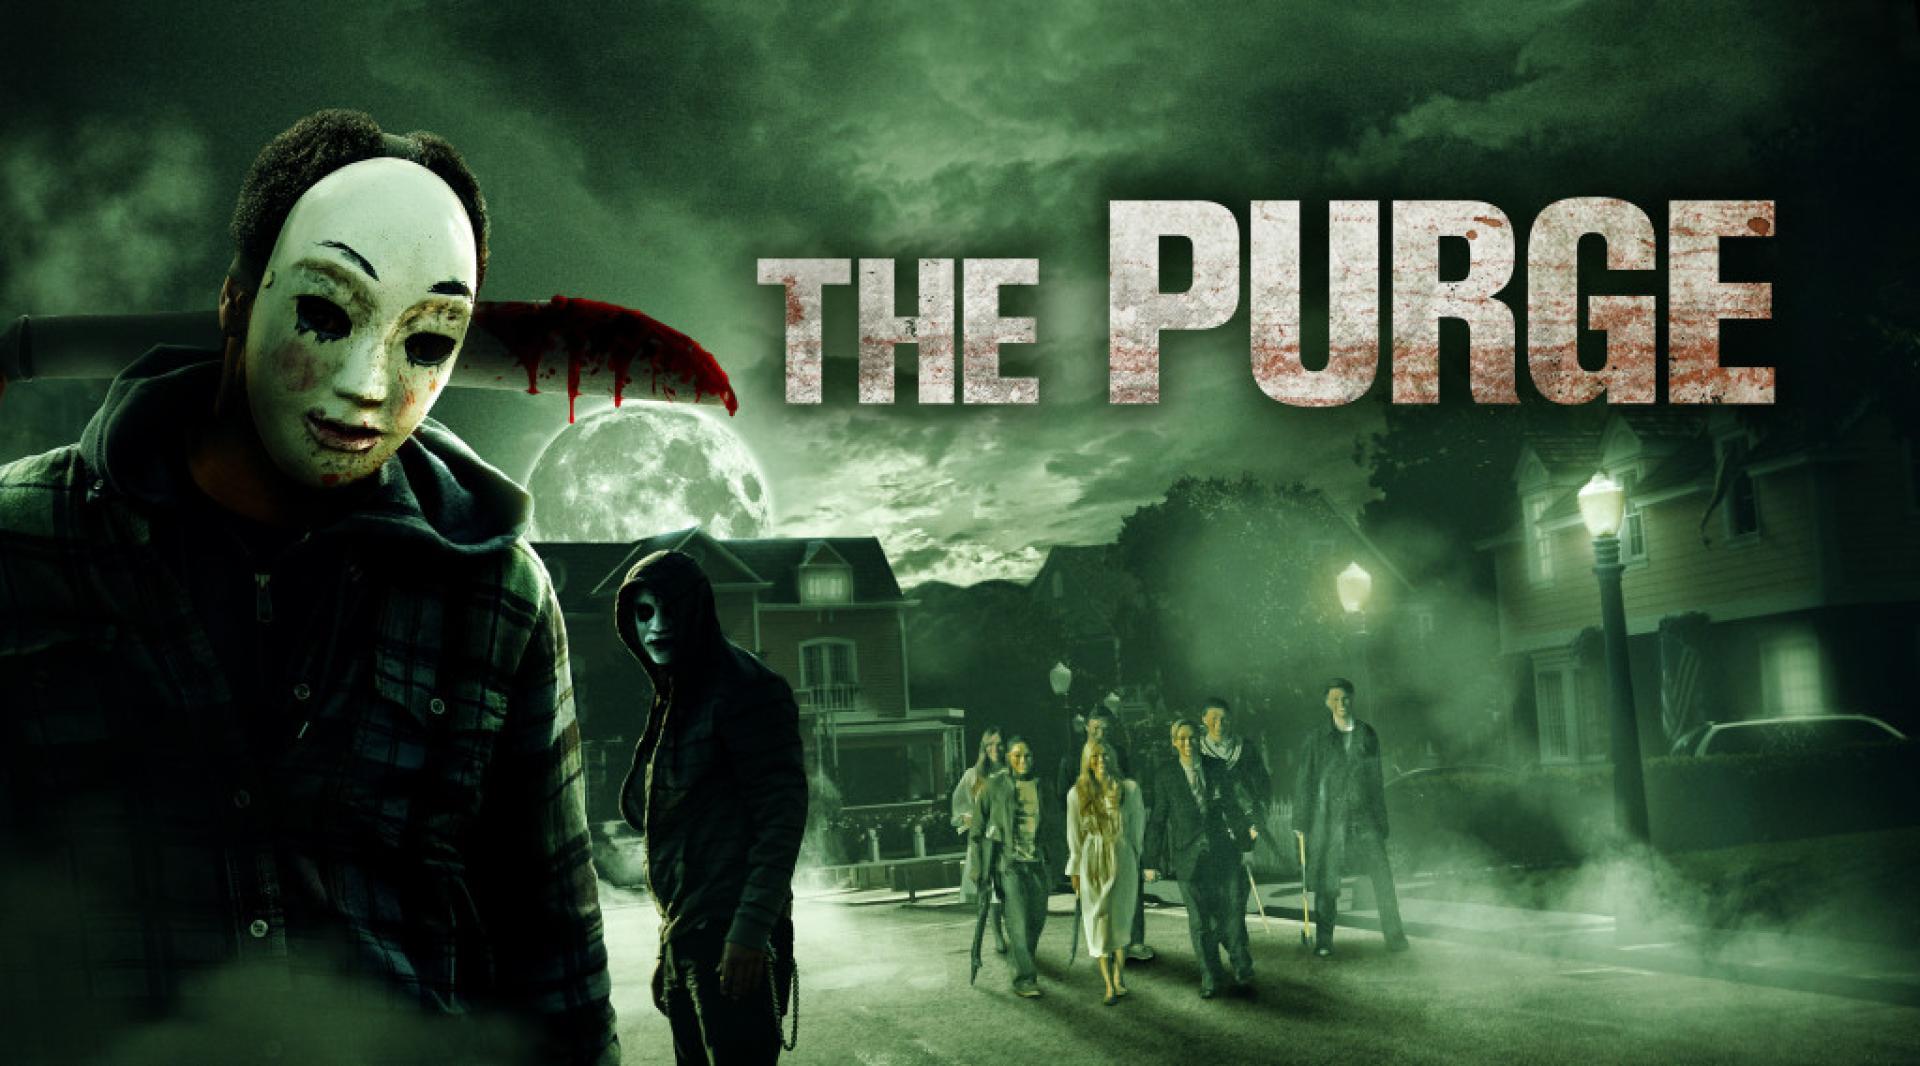 Megvan a The Purge sorozat pilot epizódjának rendezője